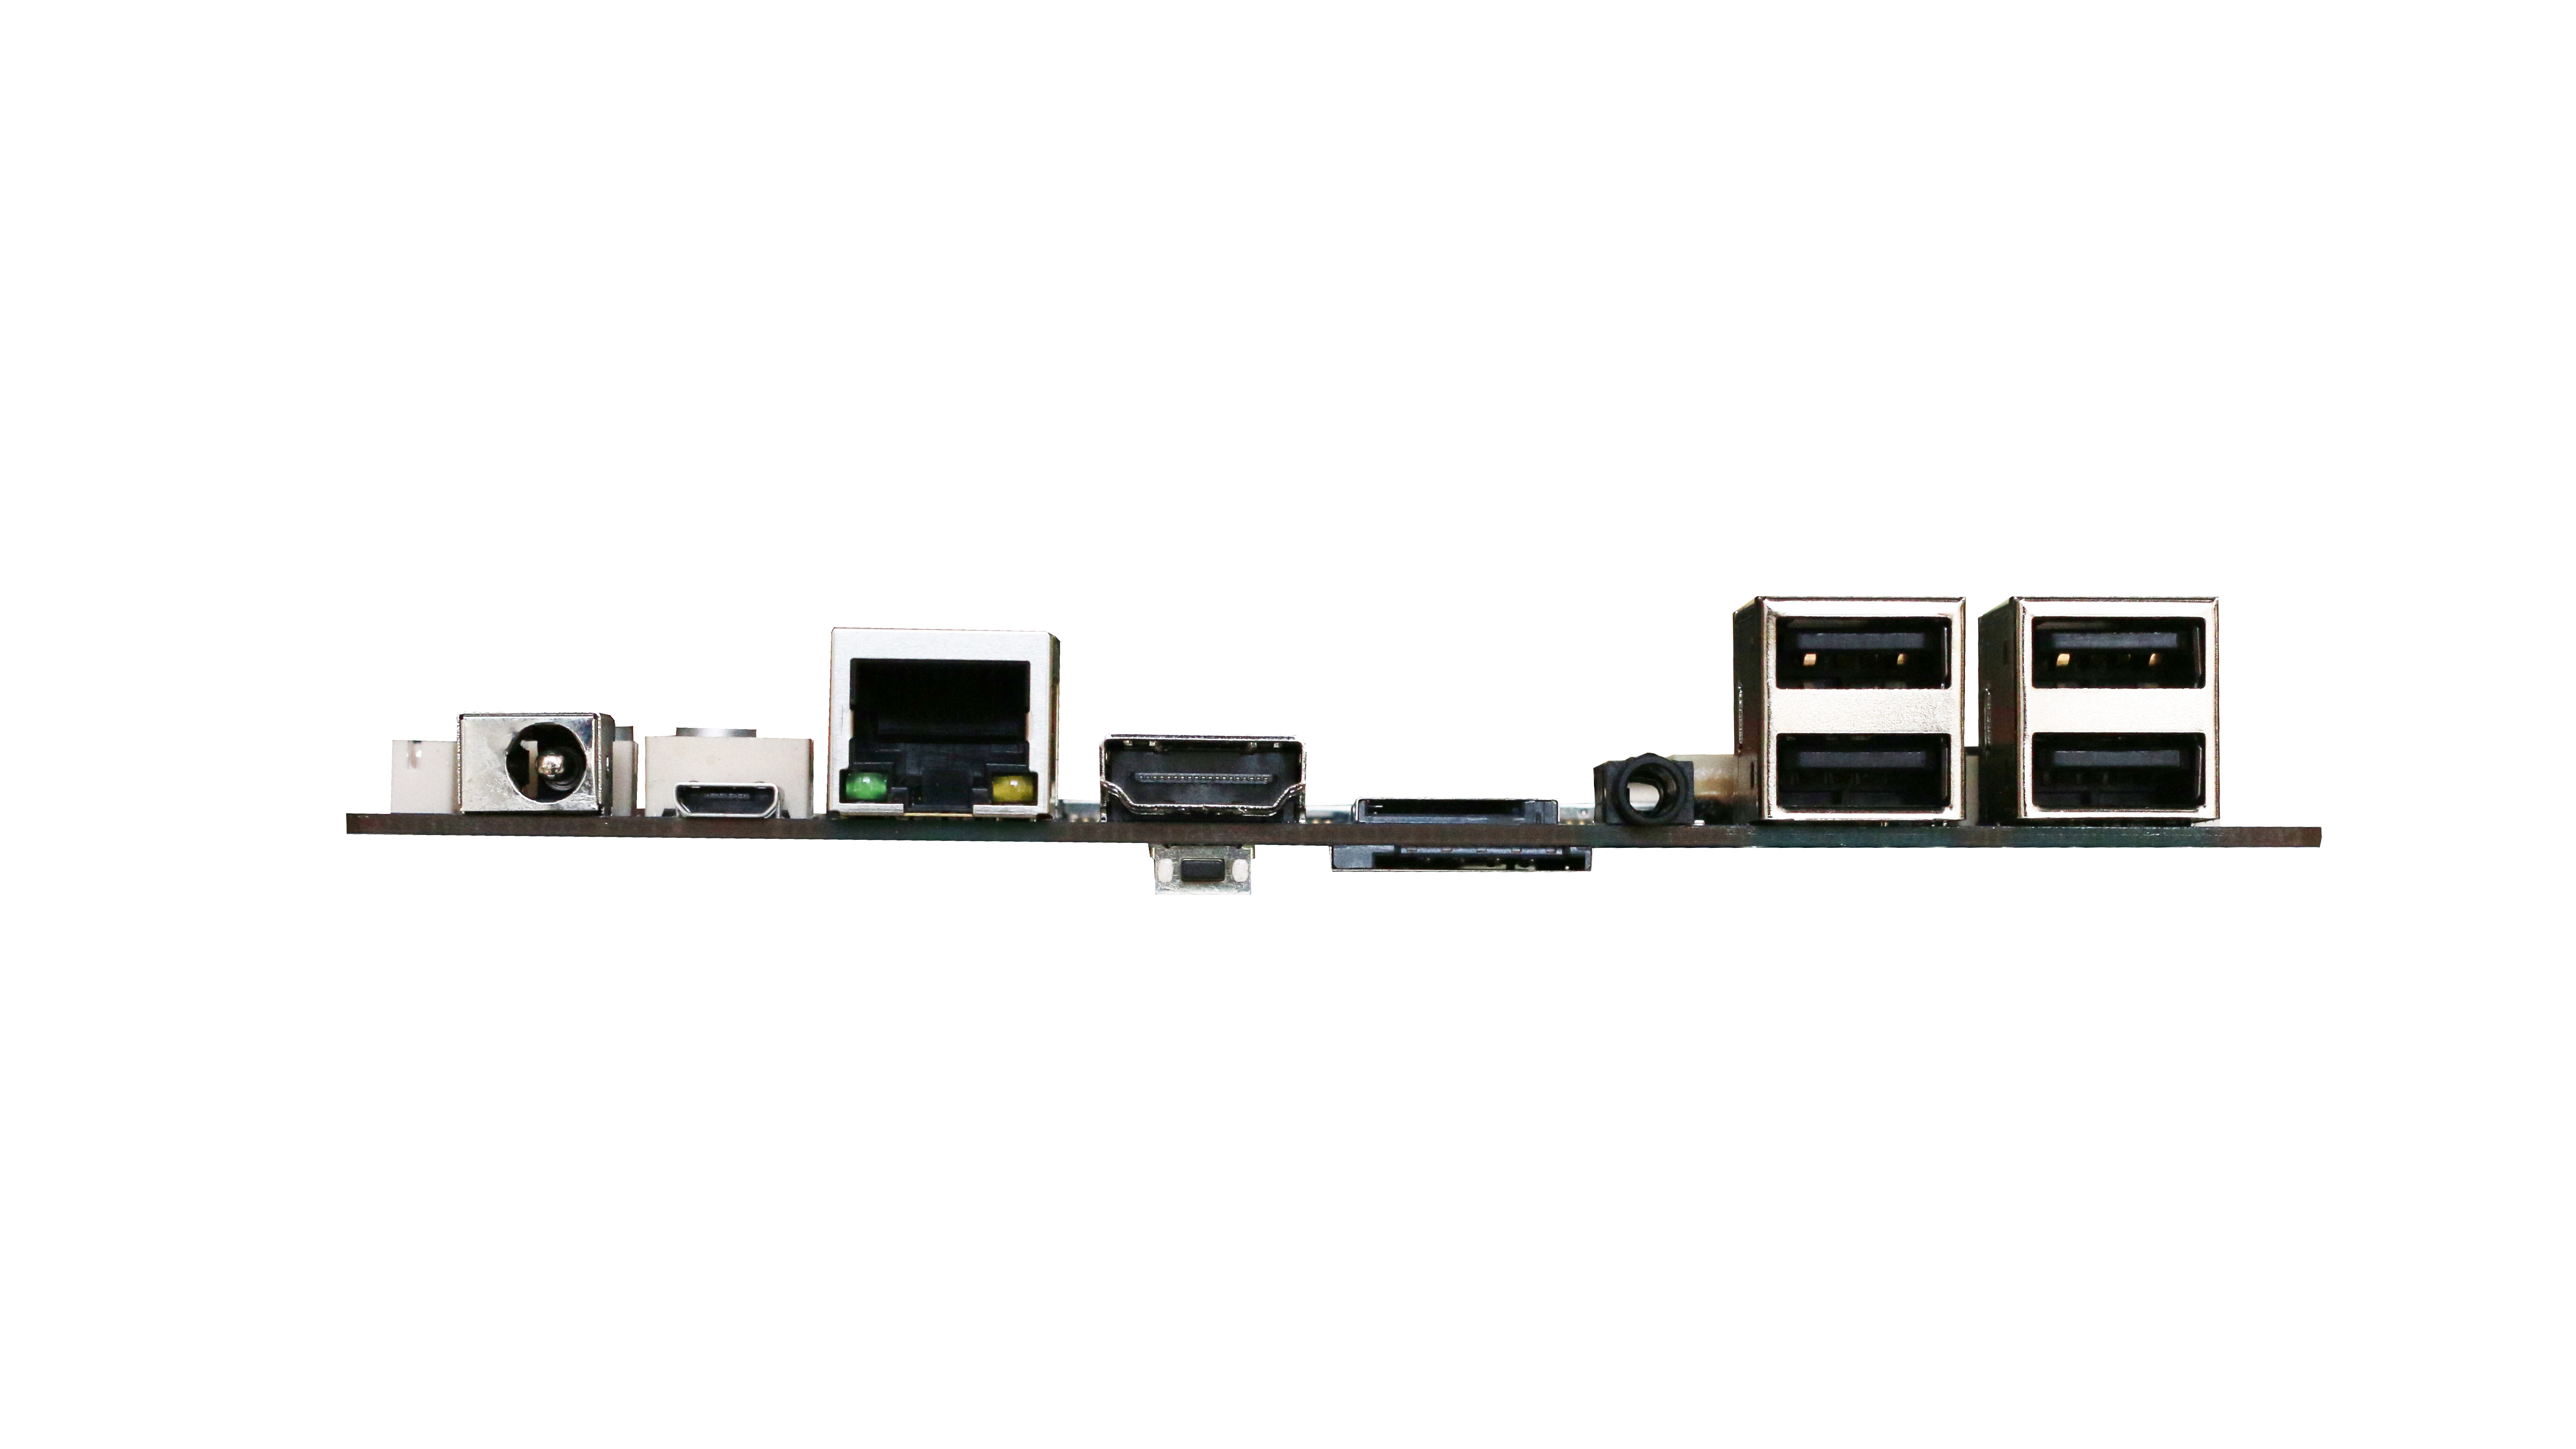 商显主板,Android主板解决方案,车联网解决方案,物联网解决方案,智慧商显主板,数字标牌主板,多媒体广告机主板,智能安卓主板解决方案,触控一体主板,双屏异显主板解决方案,,人证核验终端,人证比对一体机,人证合一验证终端,人证校验核验终端,人证合一身份证检验系统,人证通,精准人脸识别一体机,人脸识别指纹校验终端,人脸识别身份证核验一体机,人证自动对比刷脸识别终端,,零售行业POS收银一体机,智慧双屏触摸收银机,桌面POS收银机,移动POS收银机,销售POS收款机,餐饮扫码收银一体机,多媒体POS收银机终端,一体式POS收银机终端,智能收银机终端,手持POS收银机终端